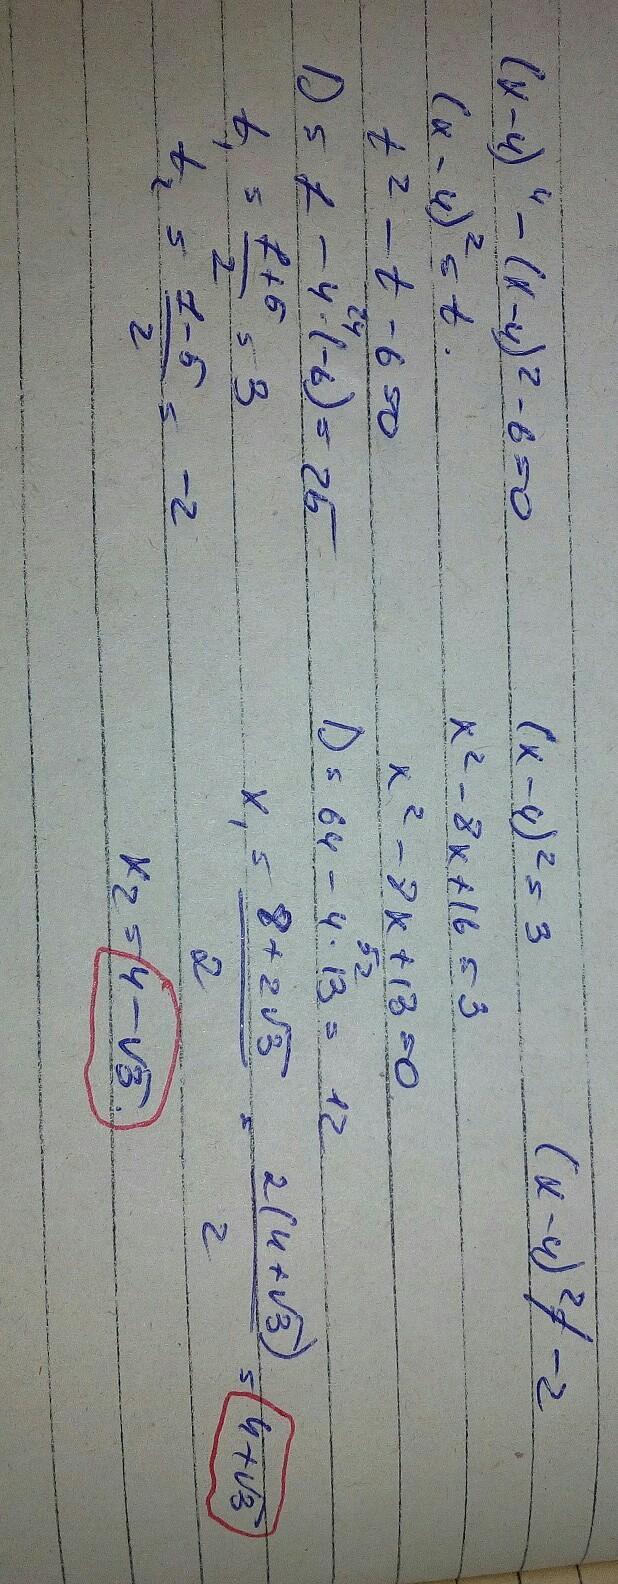 (х-4)⁴-(х-4)²-6=0, попалось на ОГЭ, хочу узнать